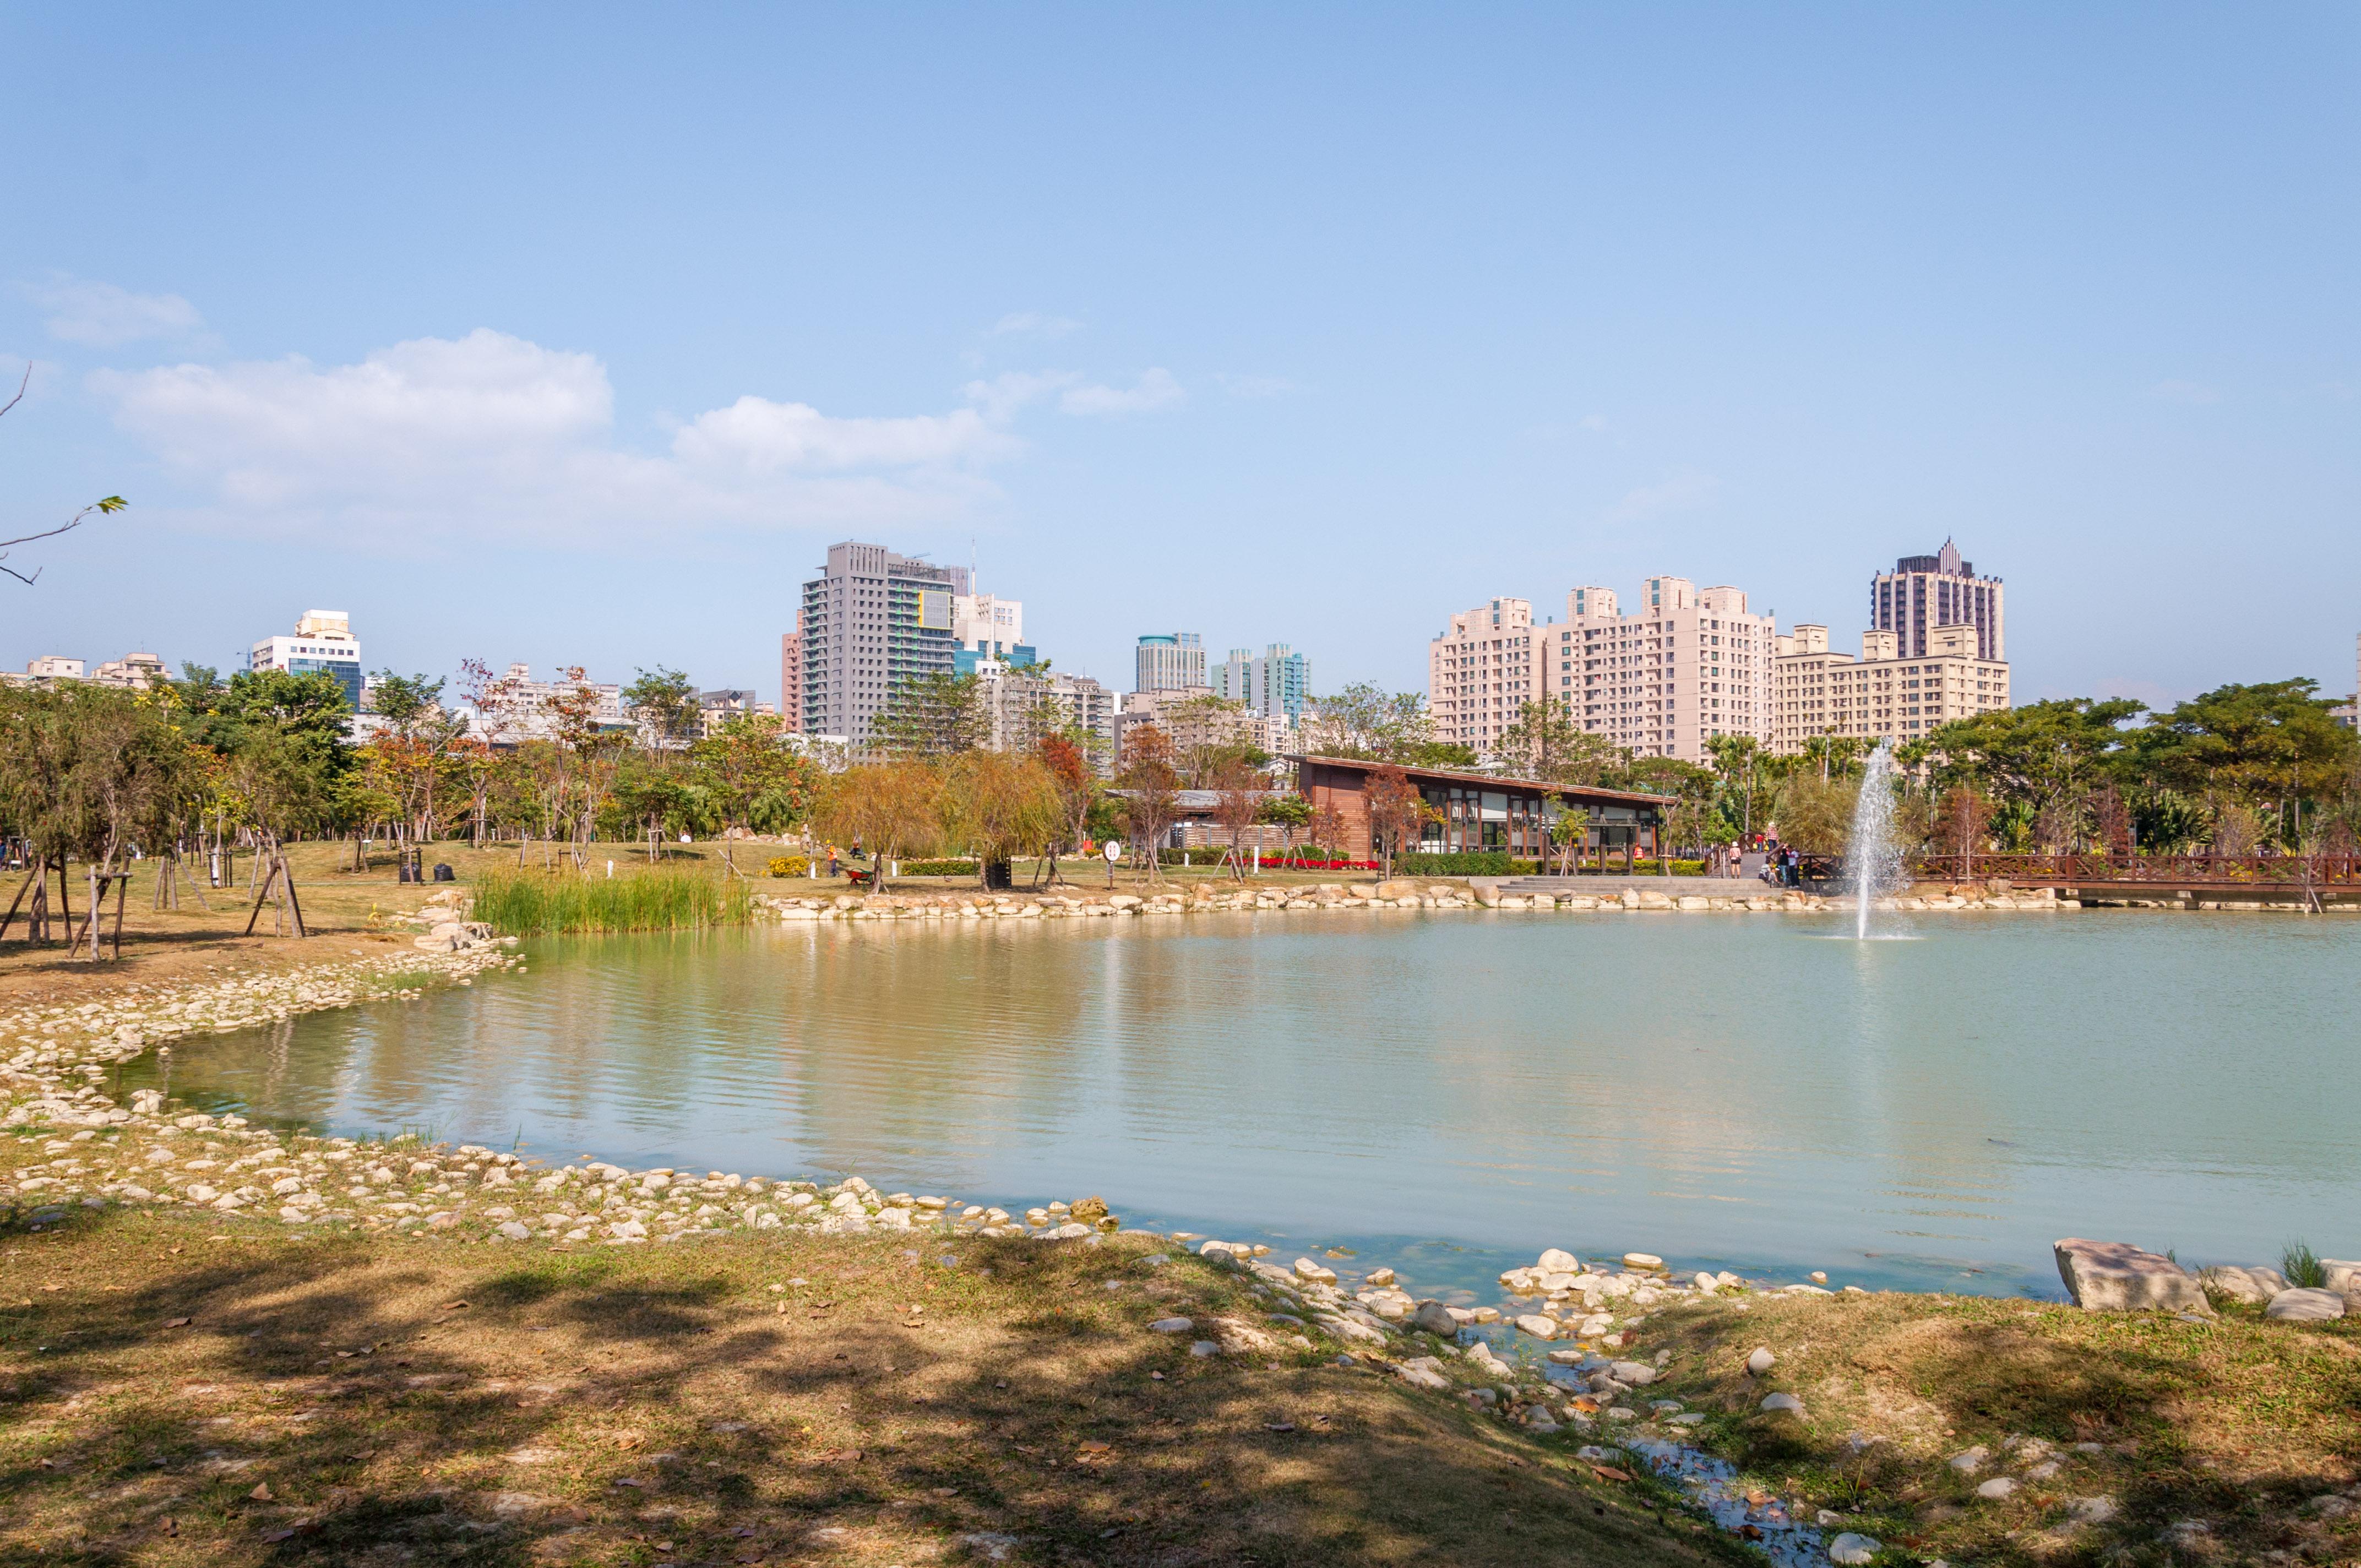 劍湖山 Wikipedia: 想漫步在金黃、橙紅繽紛的落羽松林中嗎?告訴你台灣15處落羽松觀賞景點~